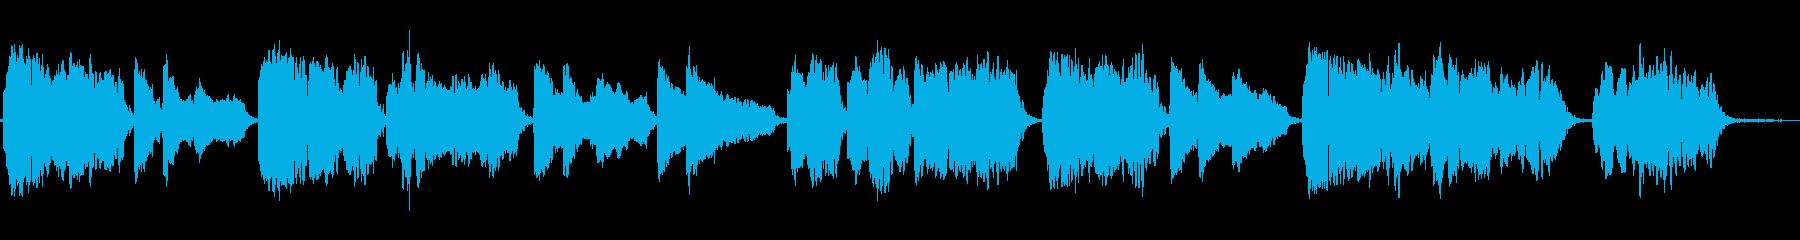 谷に響き渡るような物悲しい笛のソロの再生済みの波形